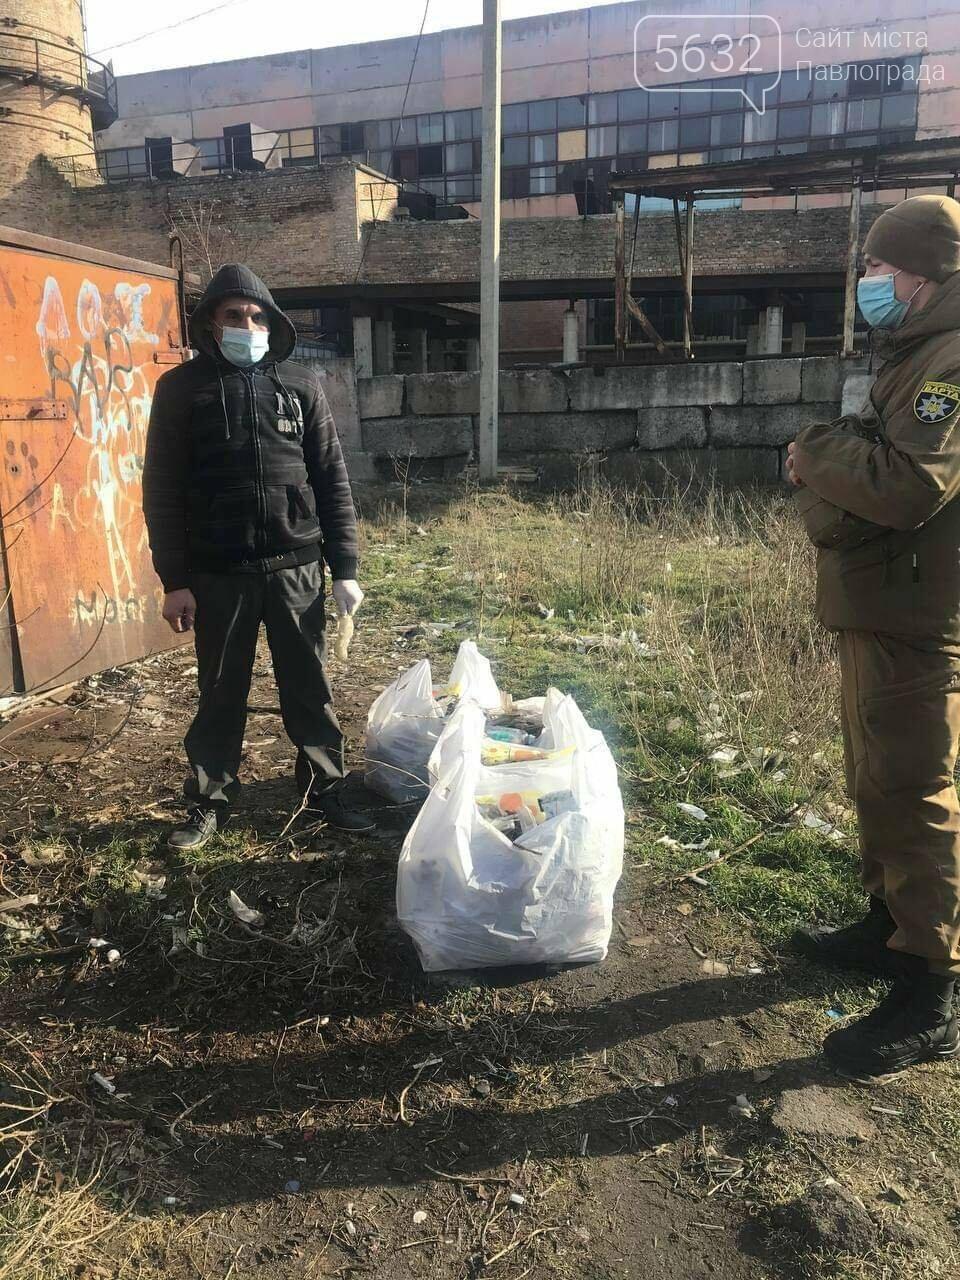 В Павлограде муниципалы застукали 40-летнего наркомана во время инъекции (ФОТО), фото-4